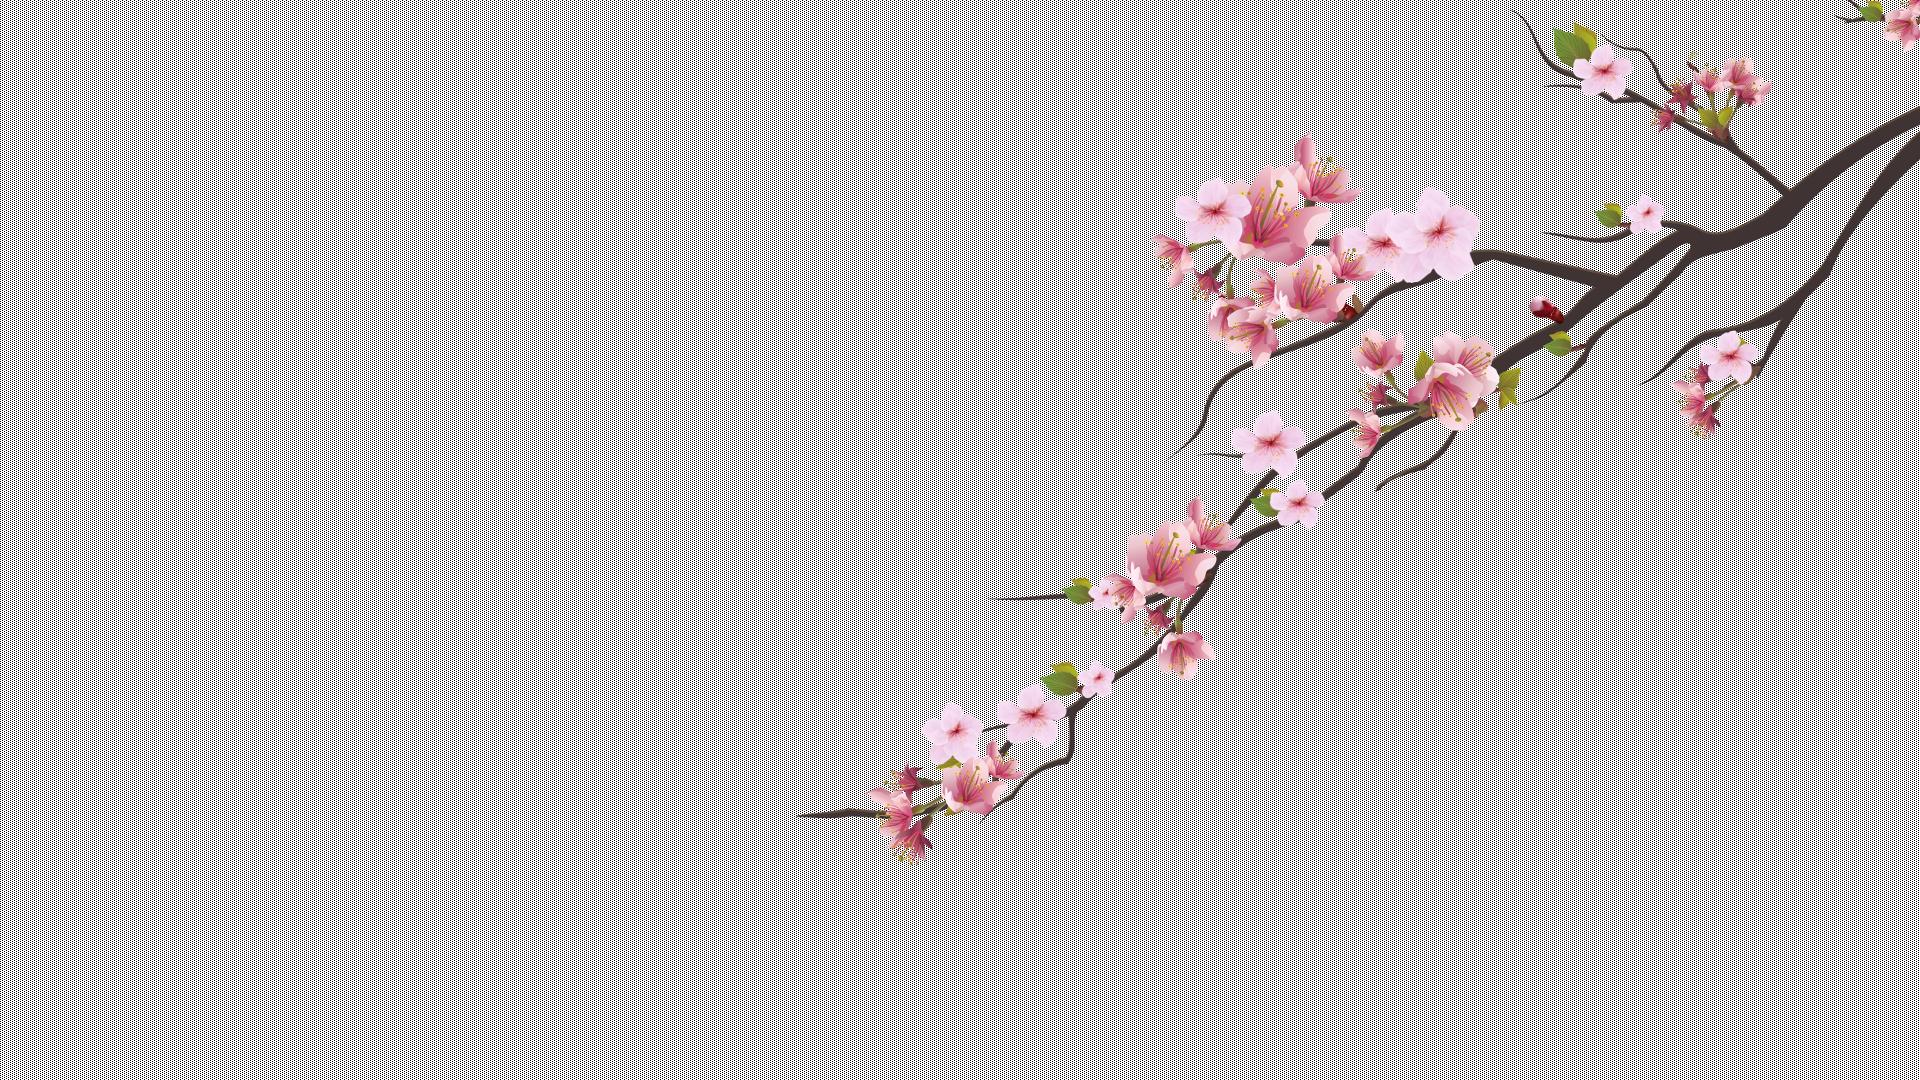 картинки для цветочных сайтов забрать ее, вам